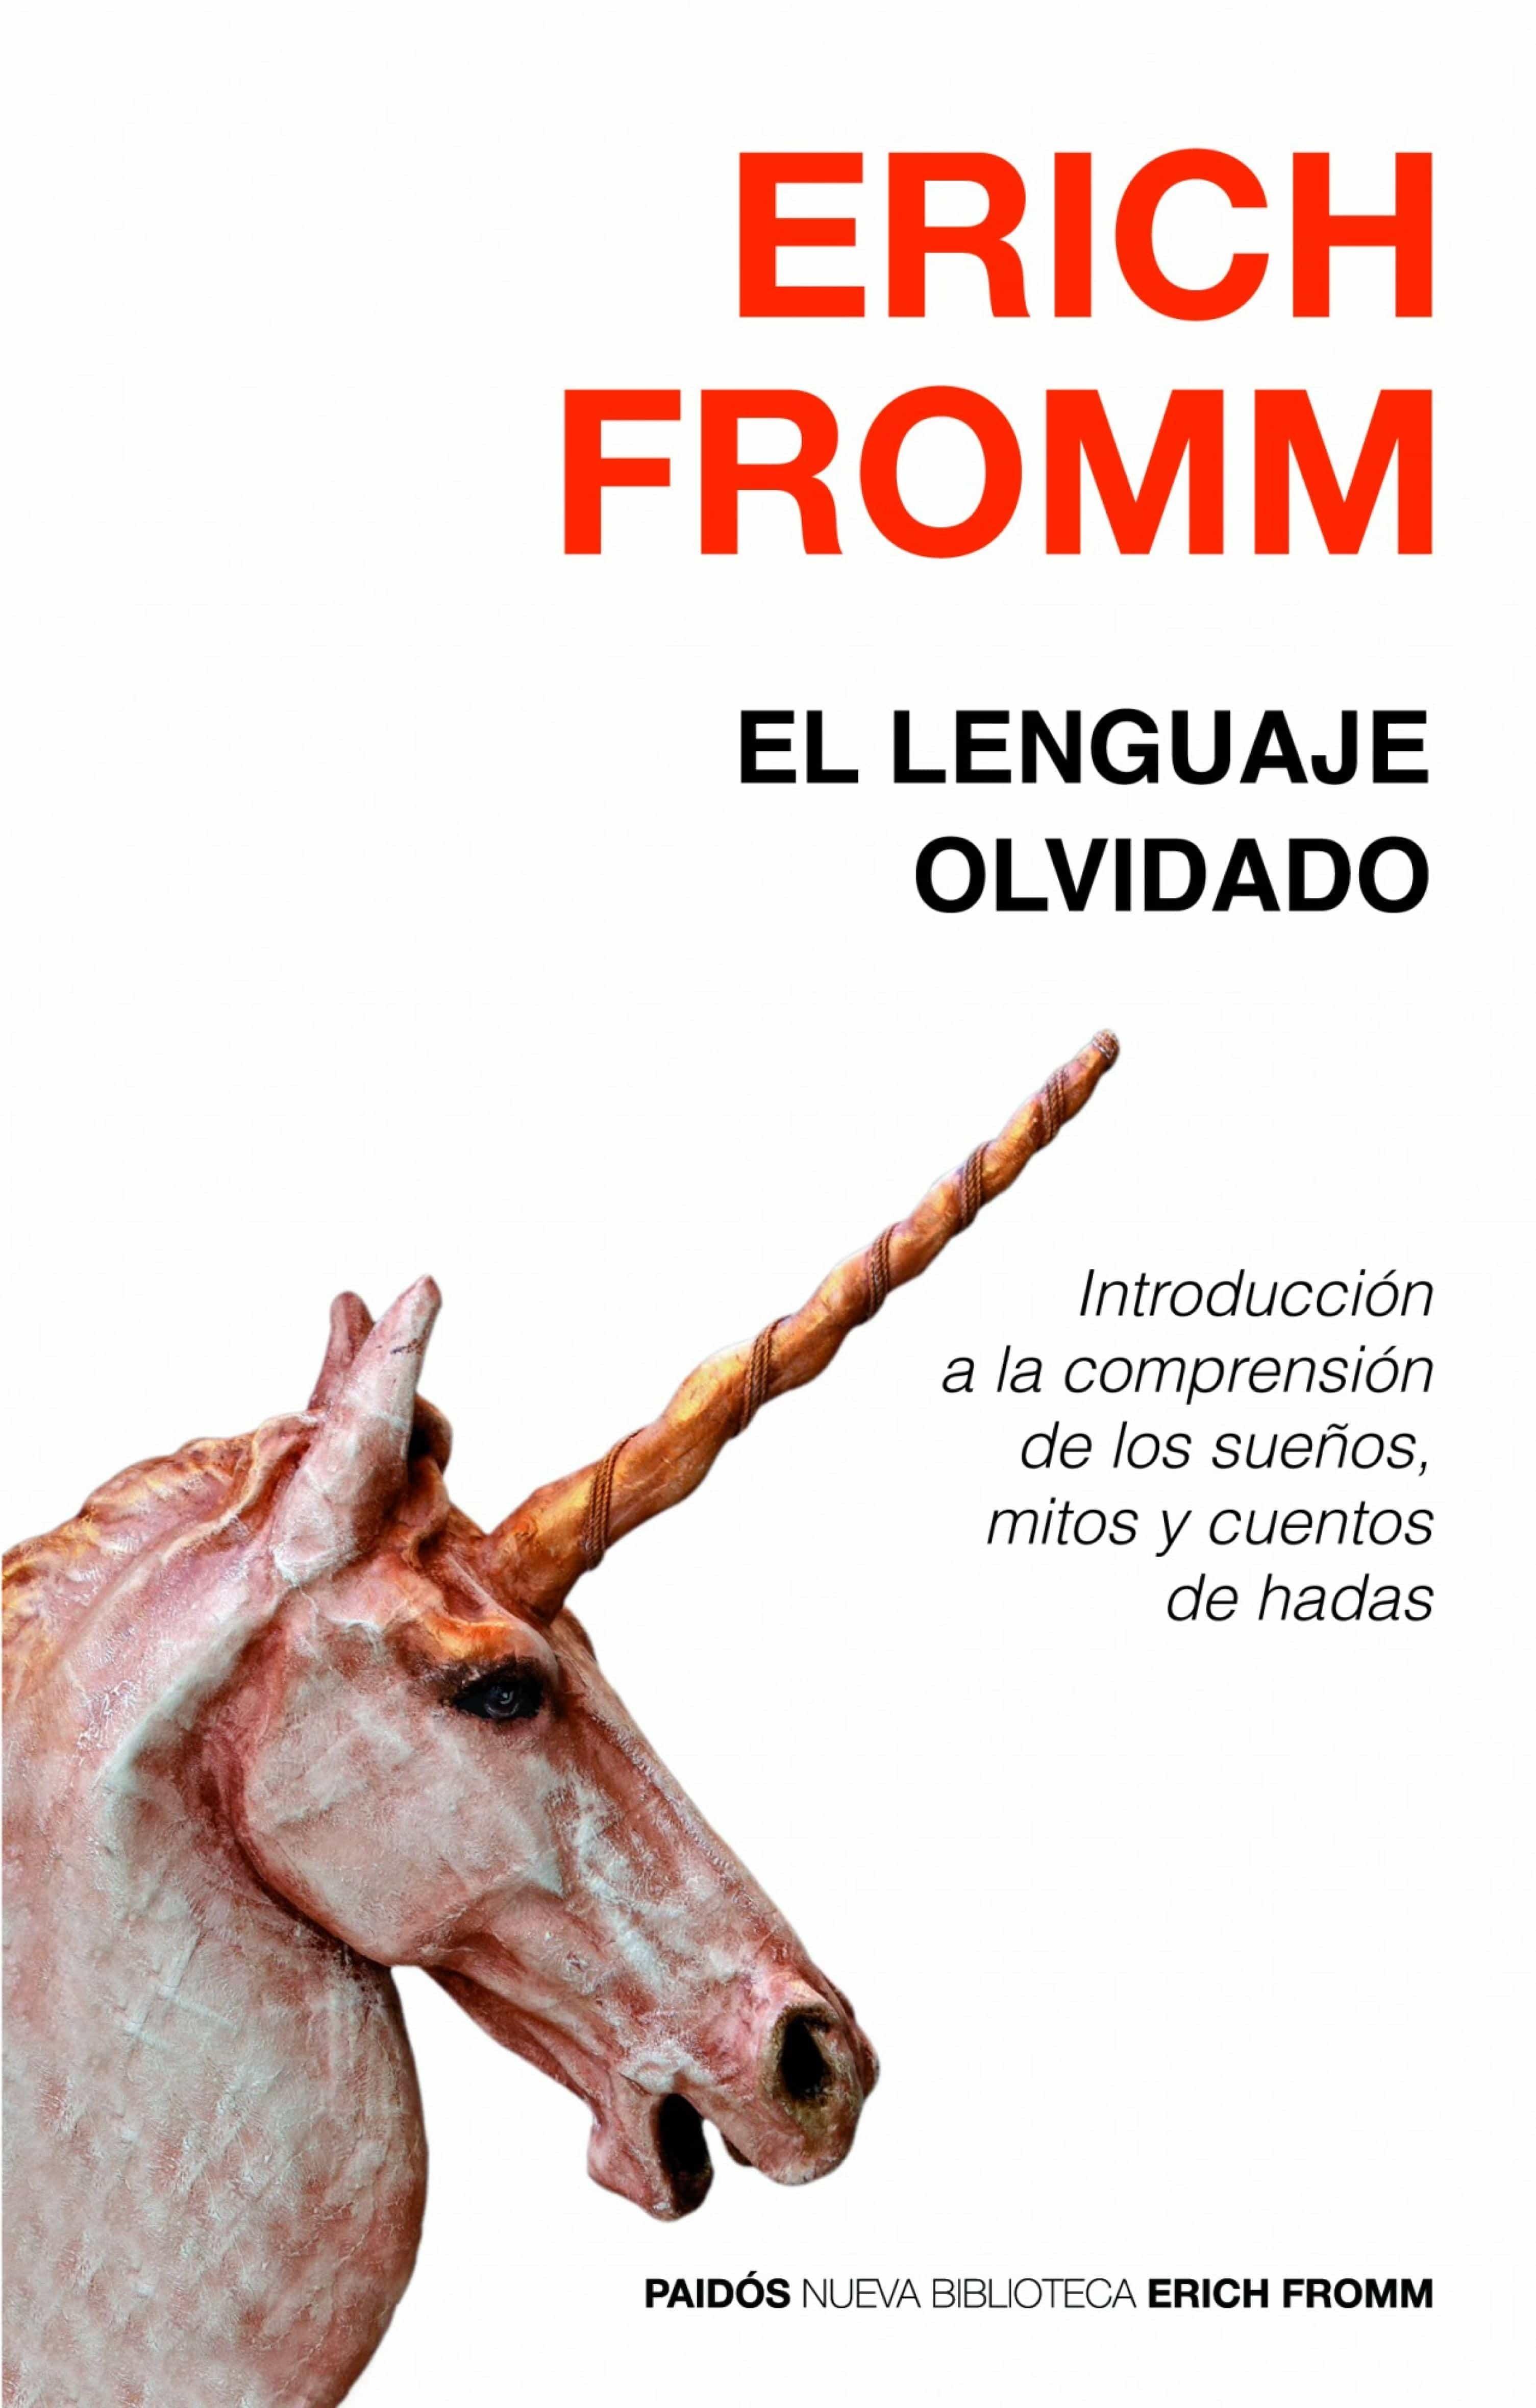 el lenguaje olvidado erich fromm pdf descargar gratis